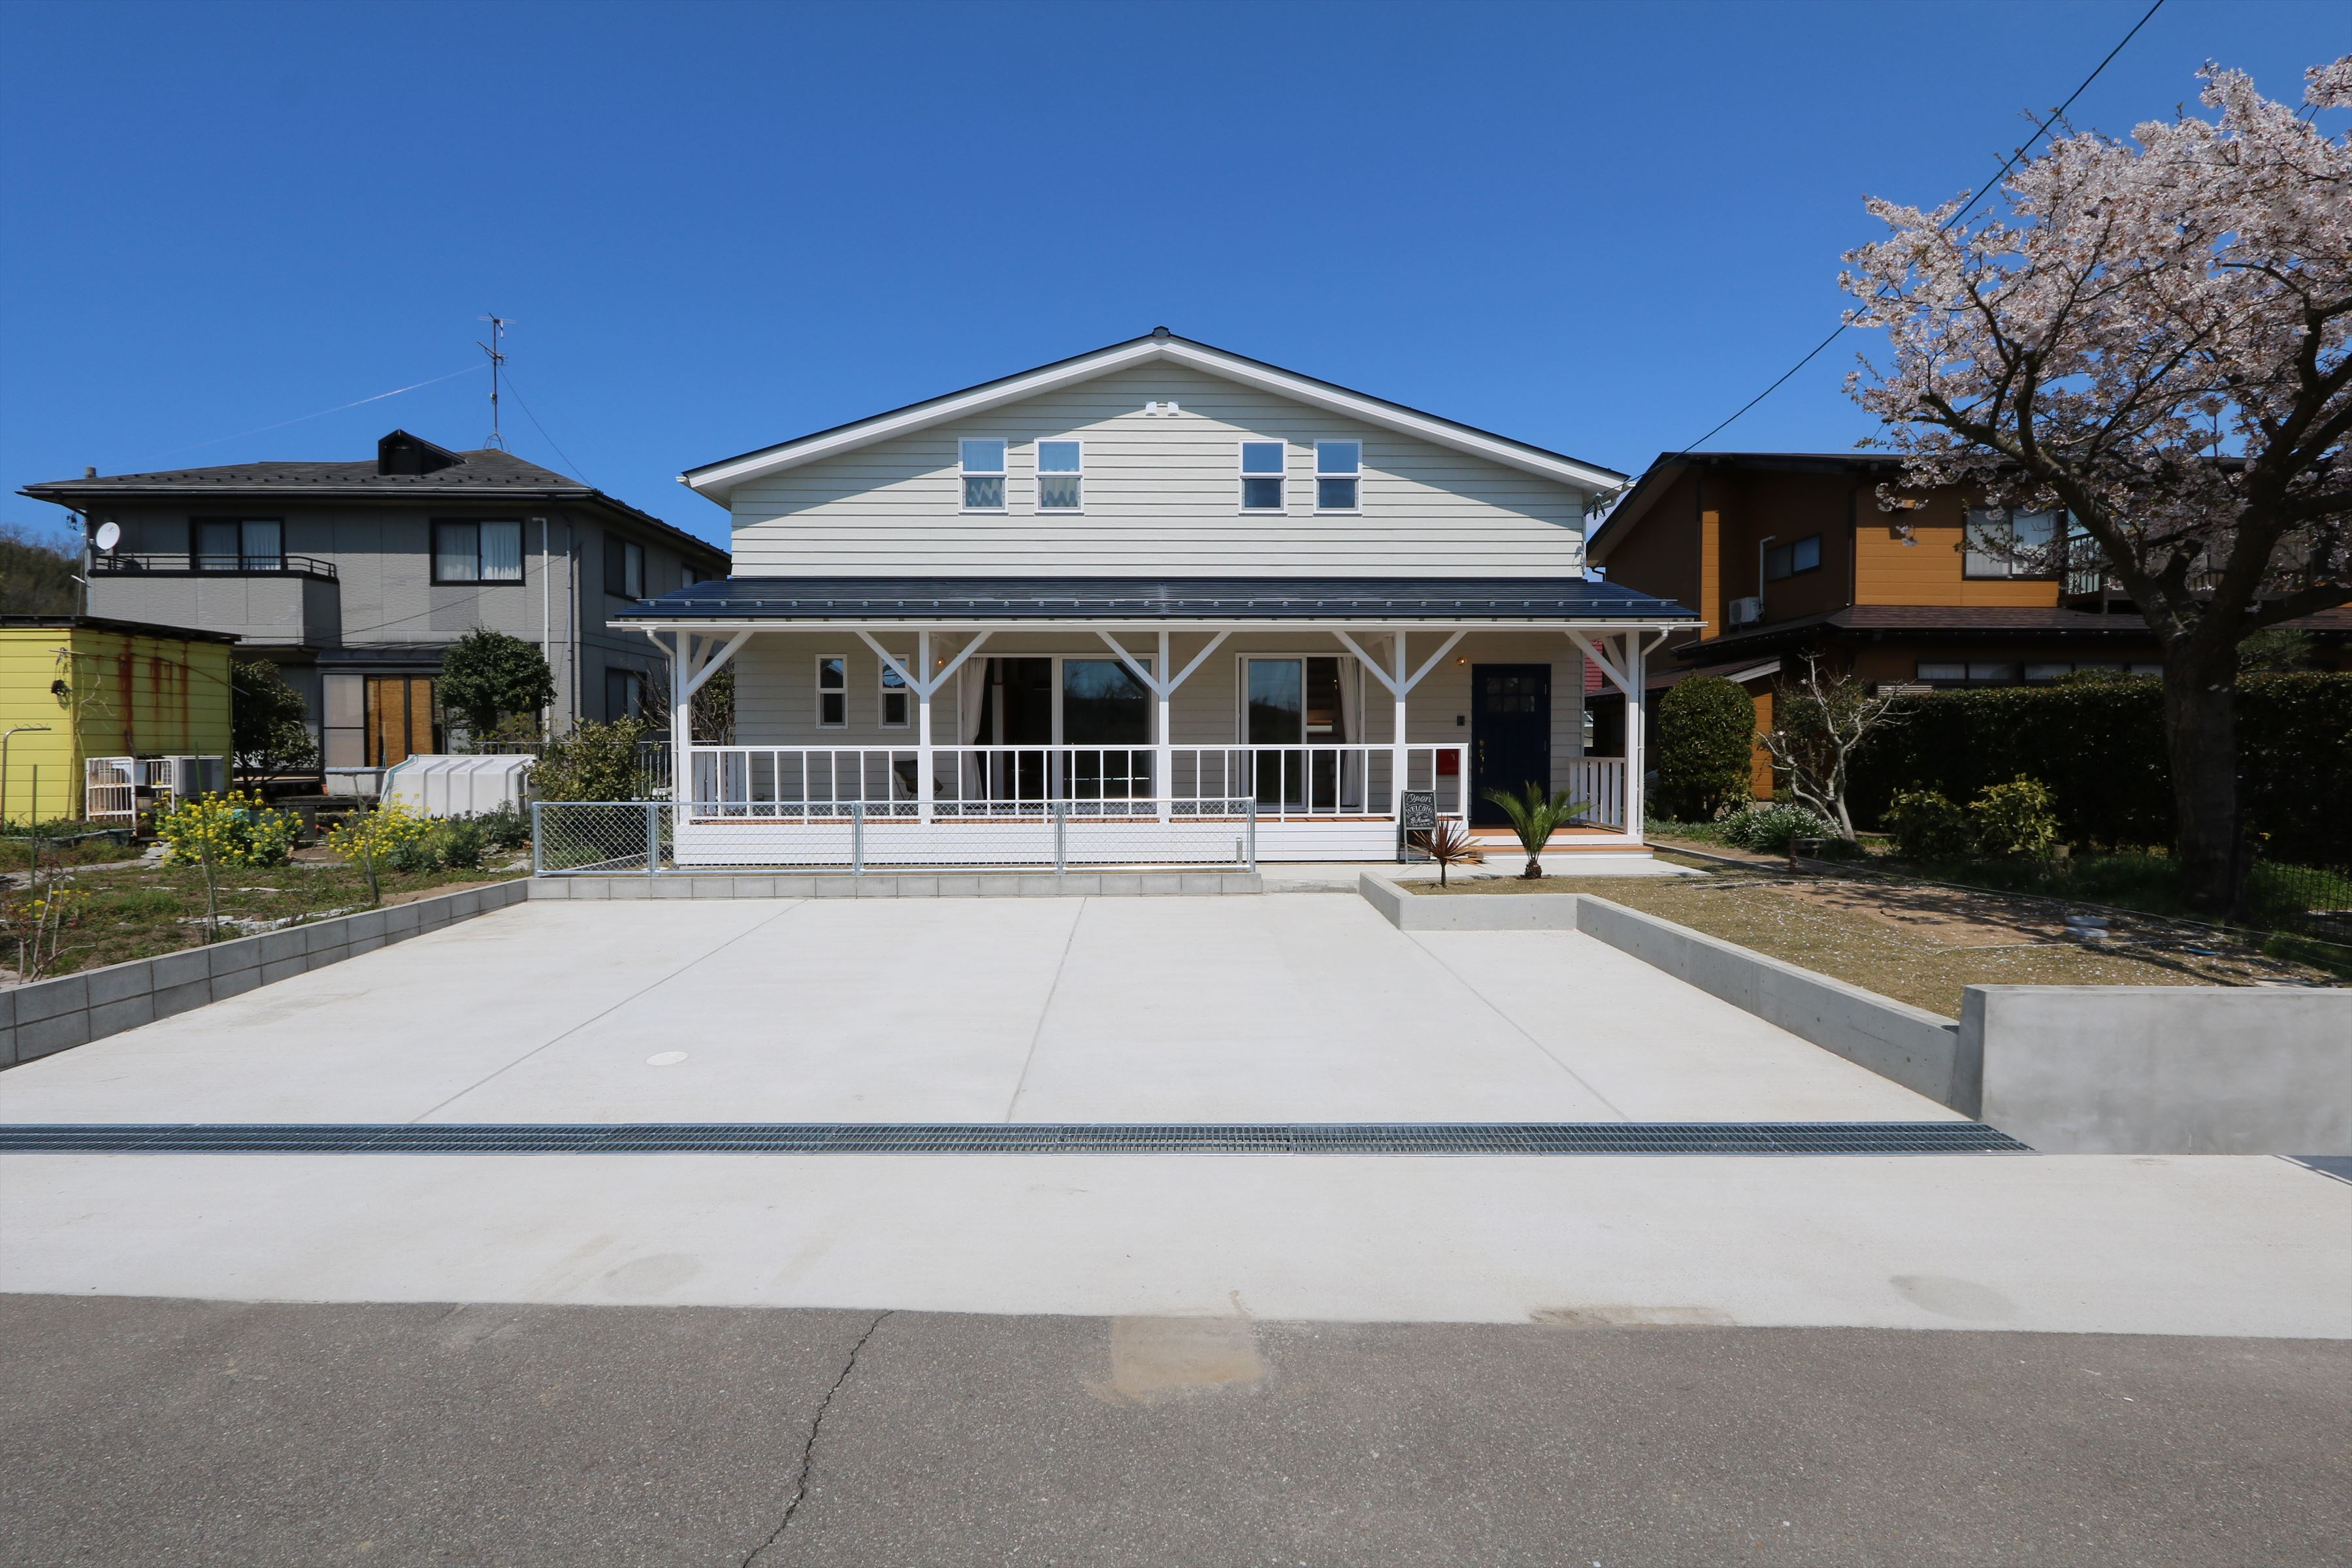 のんびりと過ごすアメリカンスタイル|石川県金沢市の注文住宅・デザイン性・新築の家・戸建て|E-HOUSE